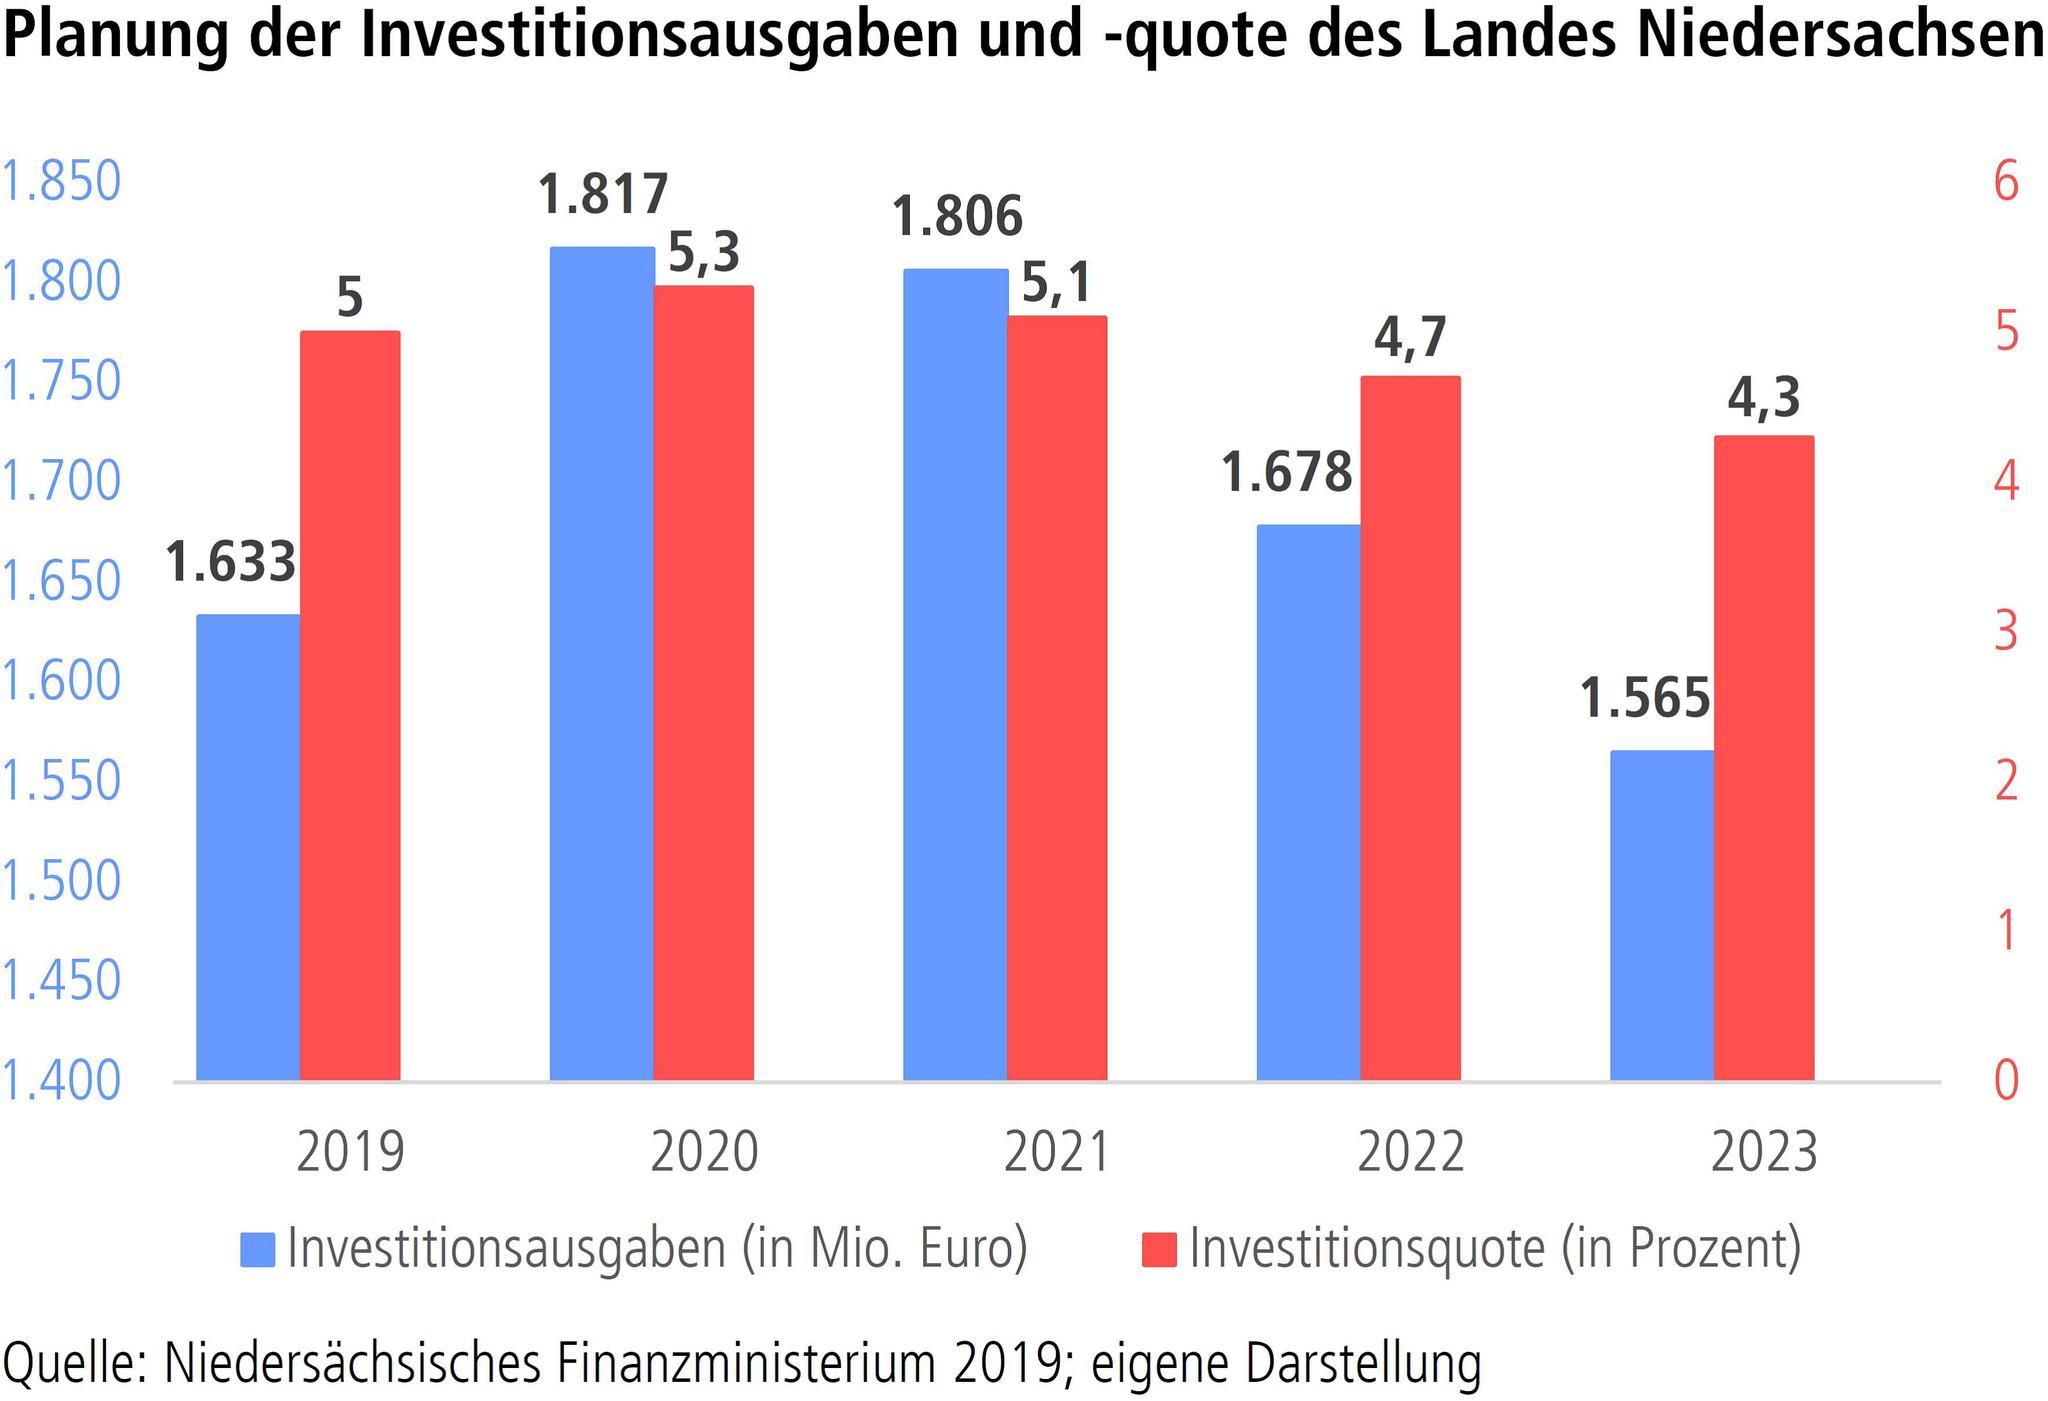 Grafik Investitionsausgaben und -quote des Landes Niedersachsen